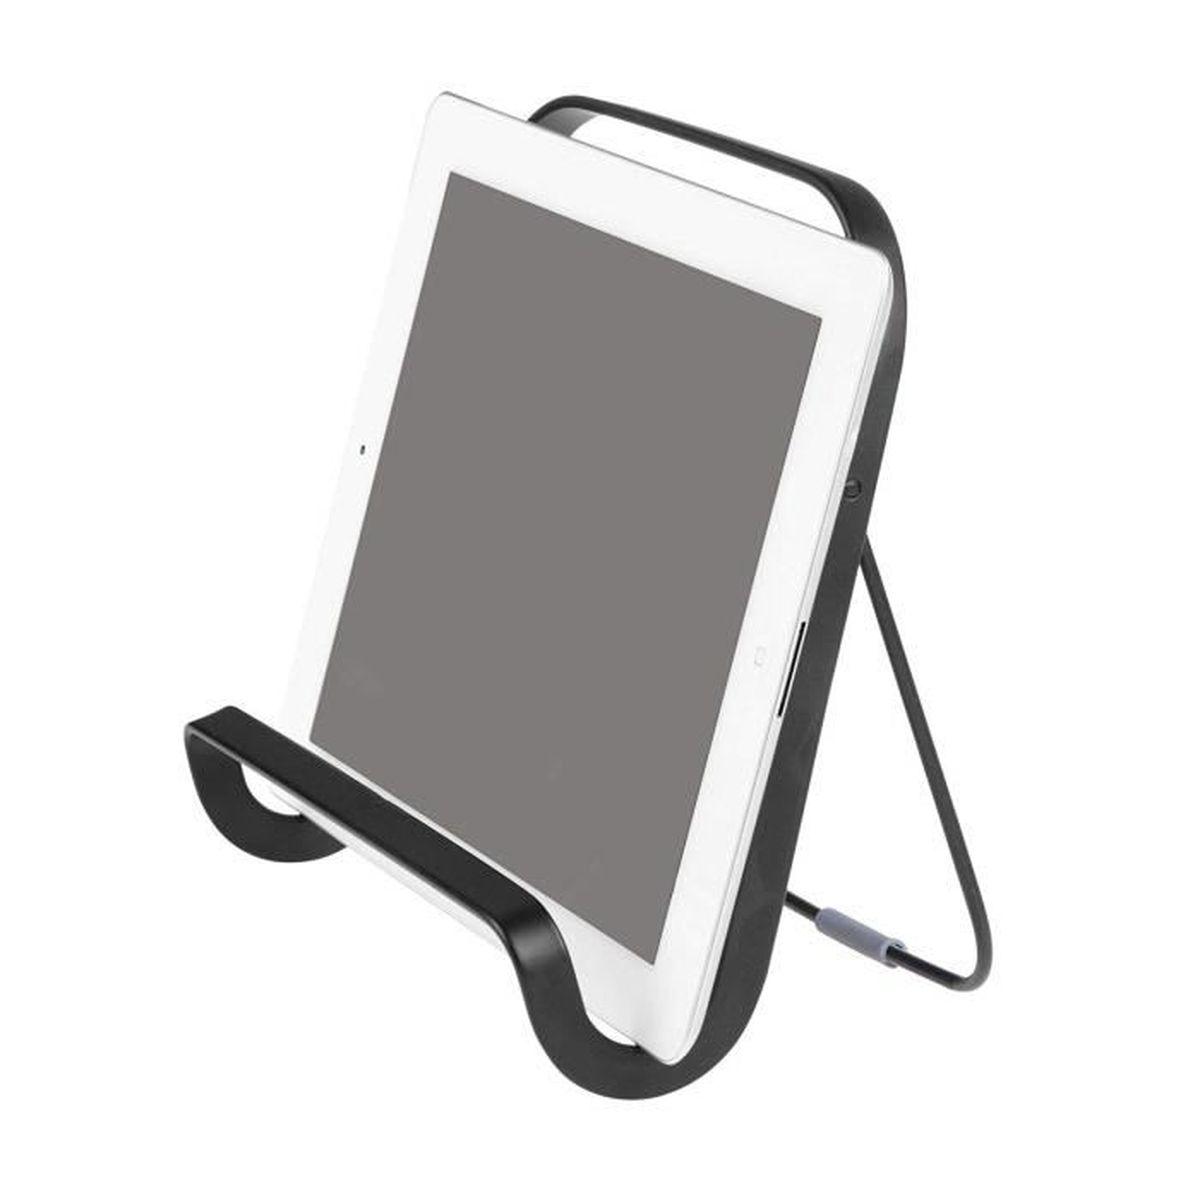 Noir Mat Idesign Support Tablette Porte Tablette Et Livres De